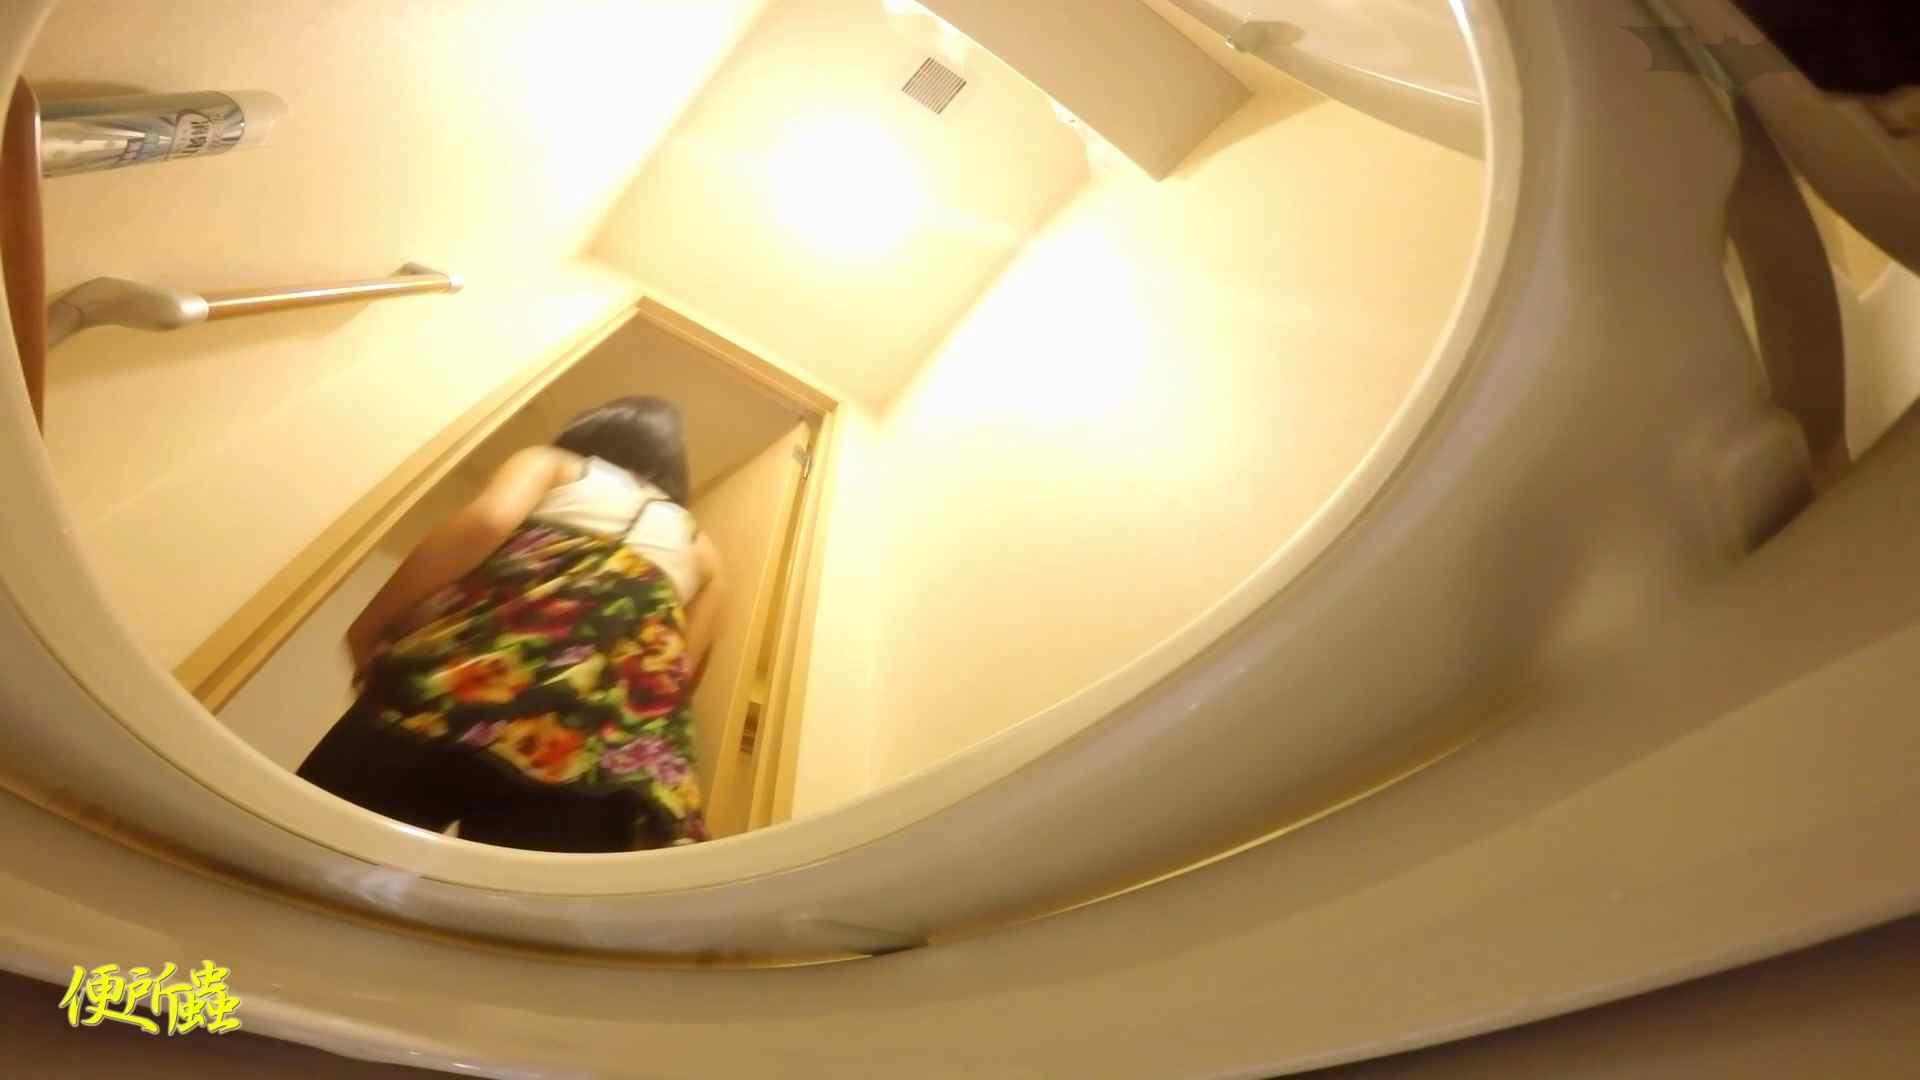 7名登場※【洗面所盗撮】vol.18 便所蟲さんのリターン~寺子屋洗面所盗撮~ 便器  85Pix 62